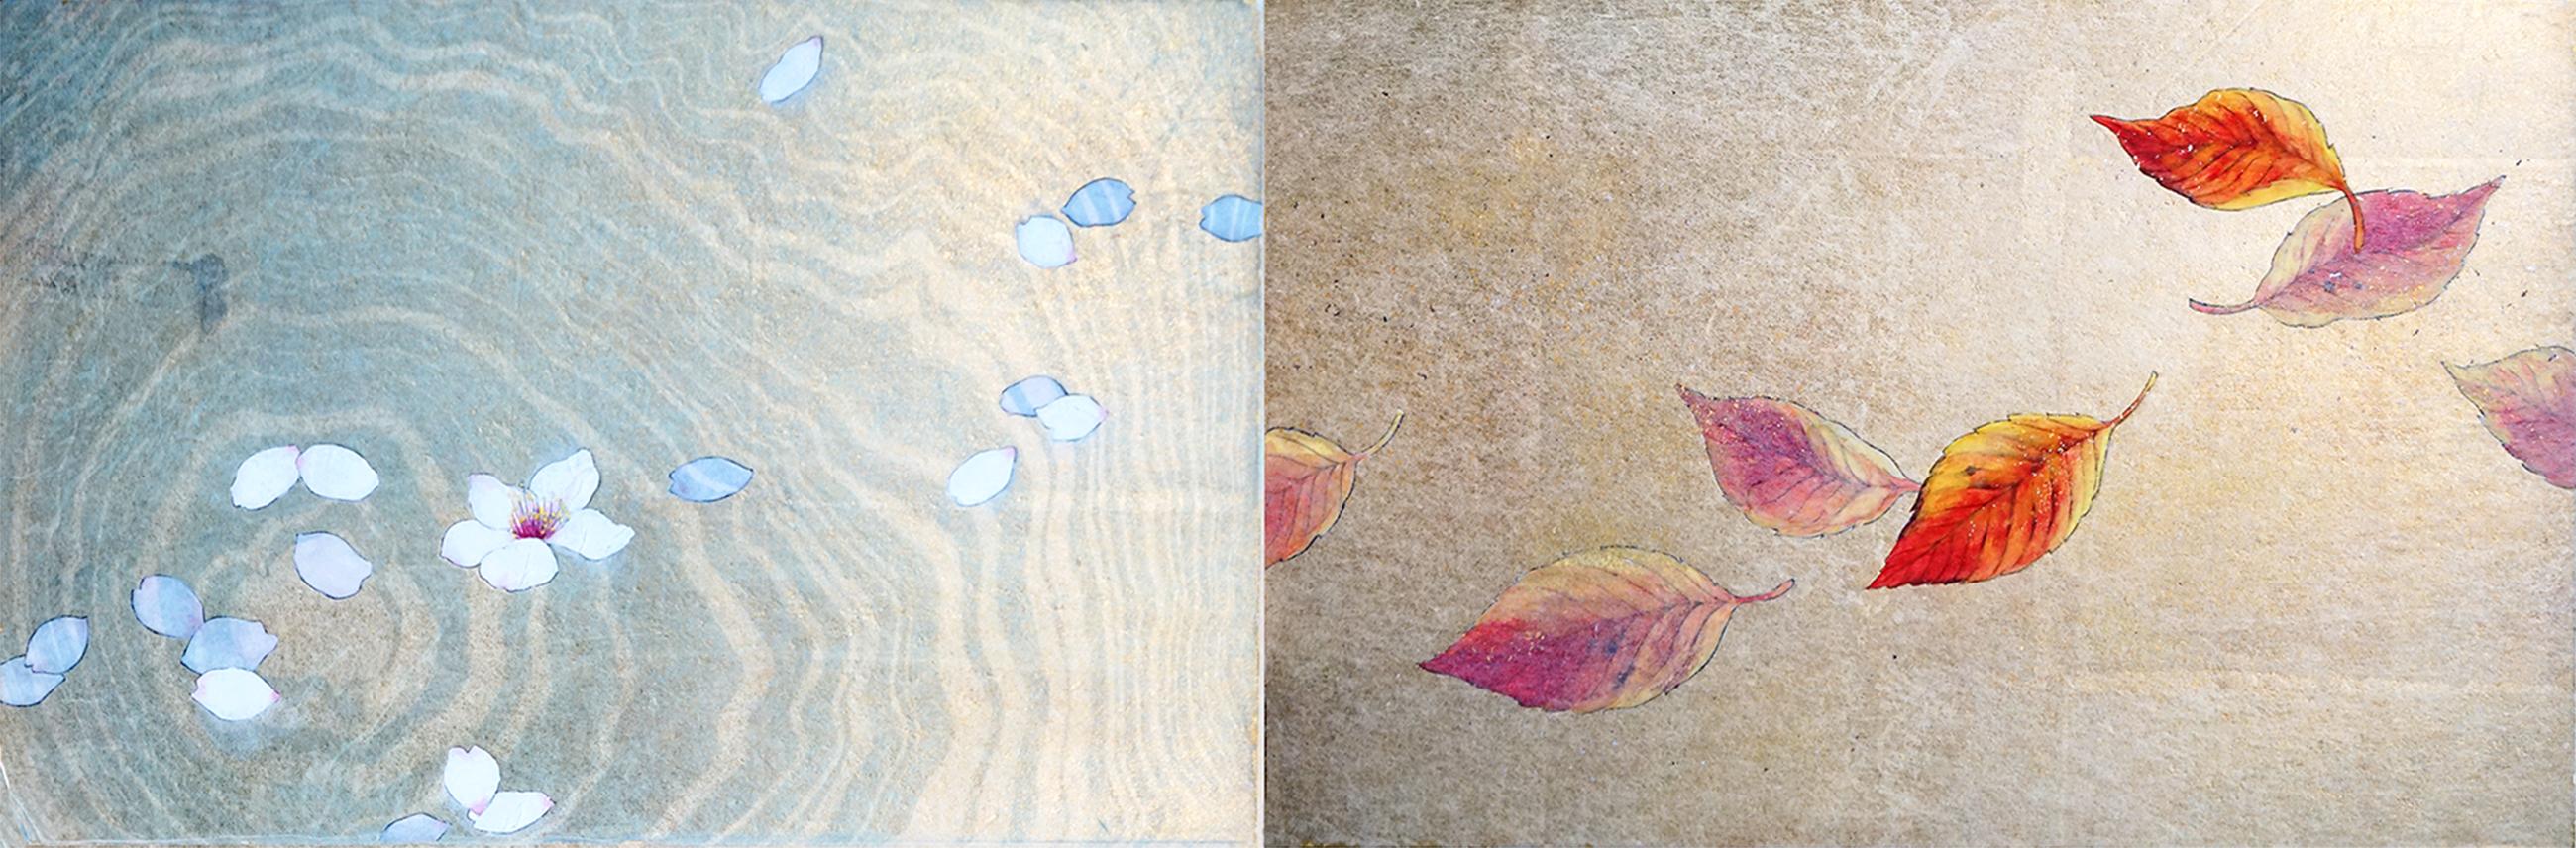 学べる 日本画・水墨画の技法 絵画教室アトリエ・オモ3(東京 表参道 ...